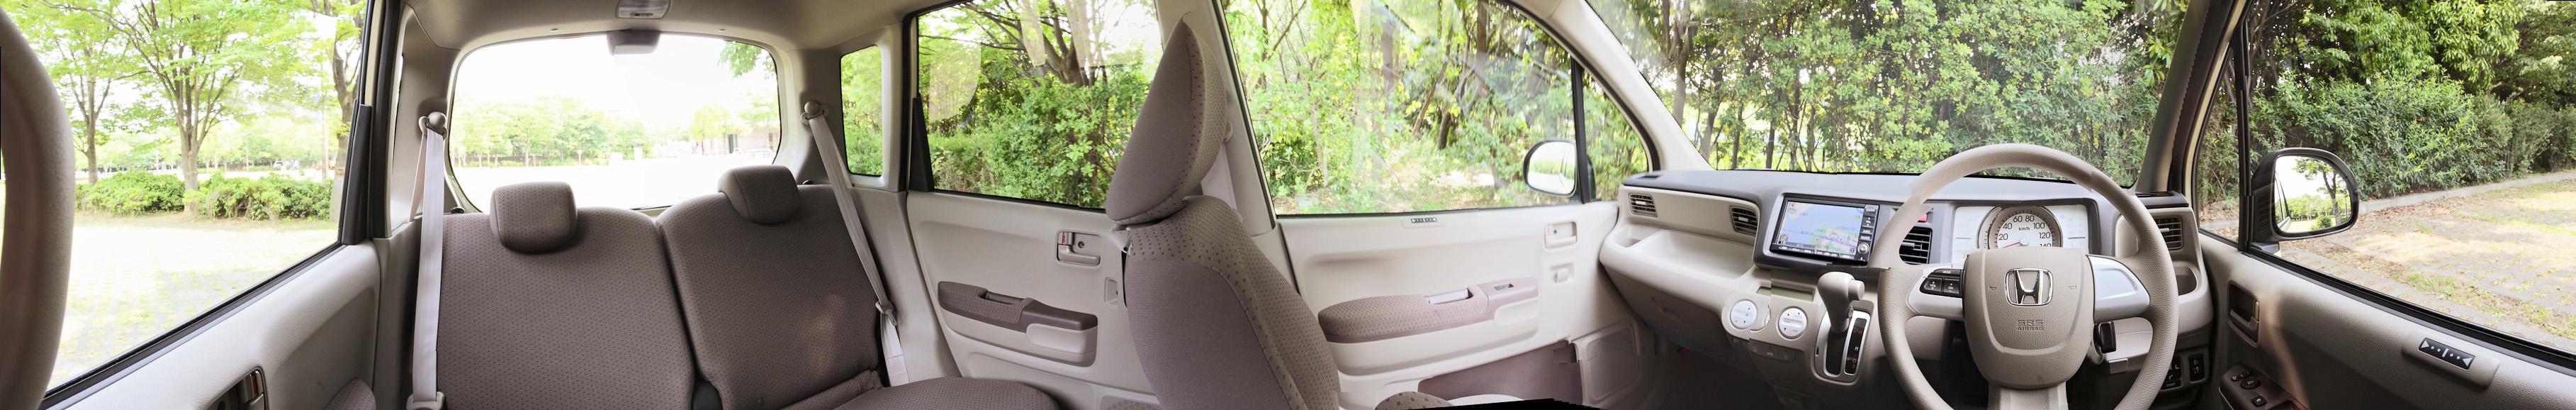 車内のパノラマ写真